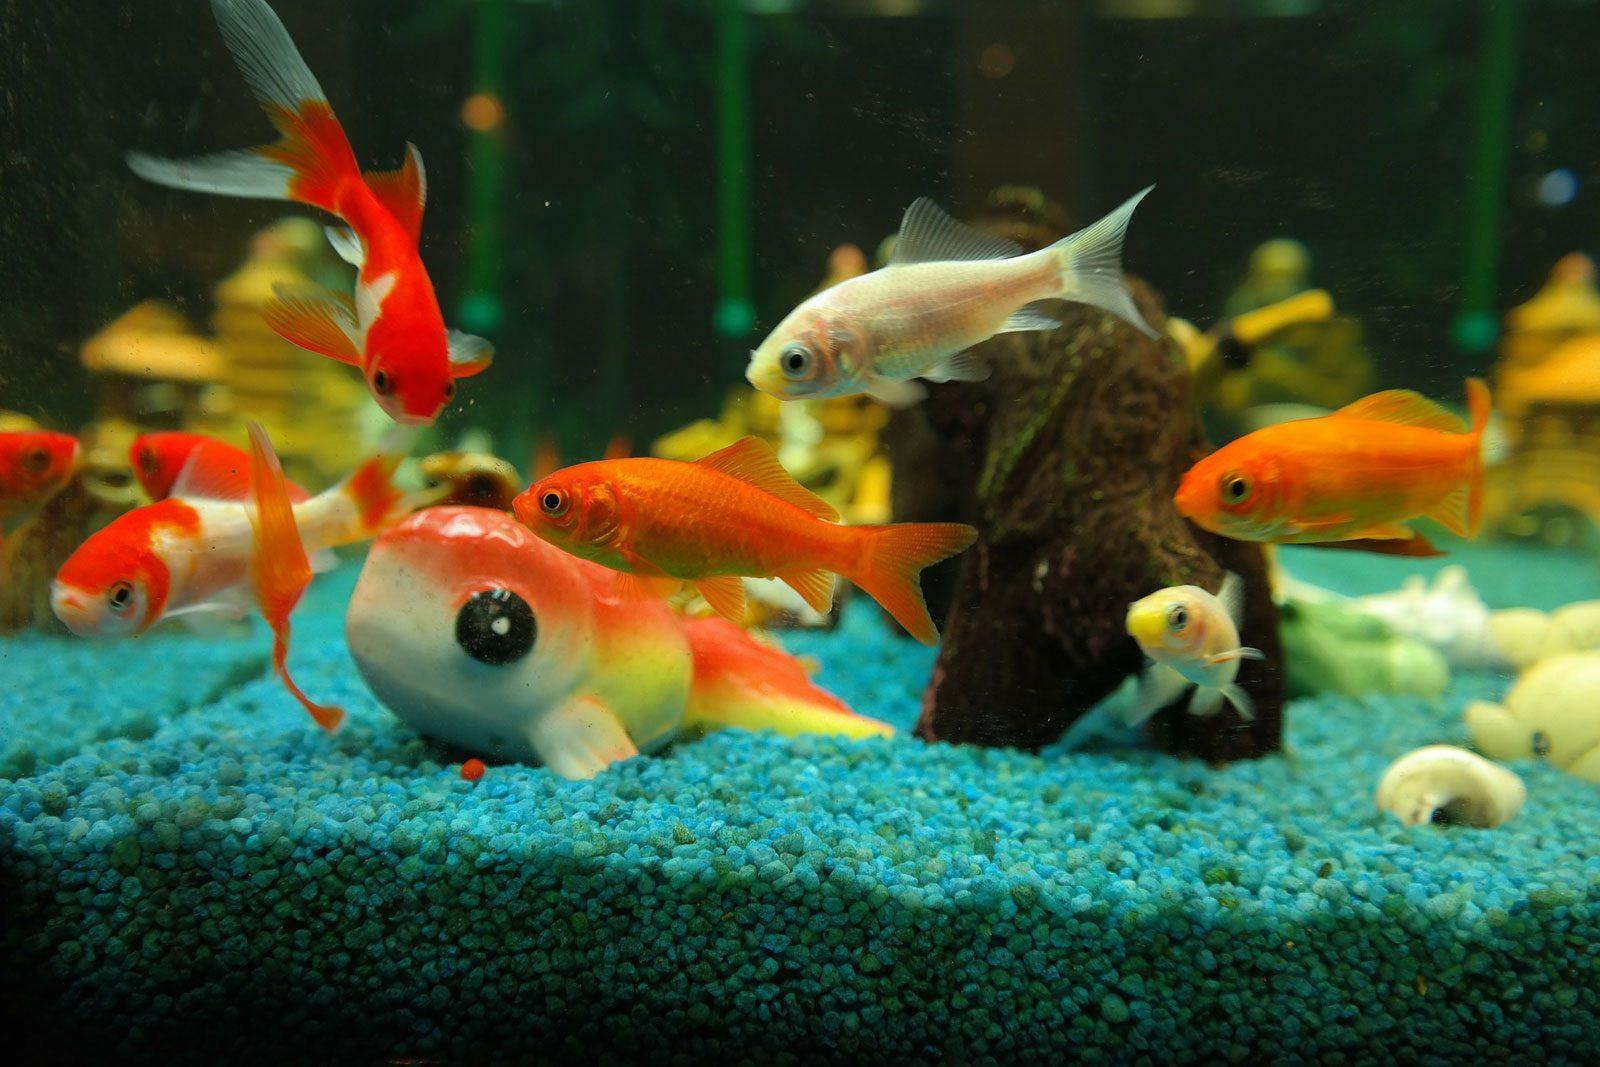 Bourse aux poissons à Marly ce dimanche